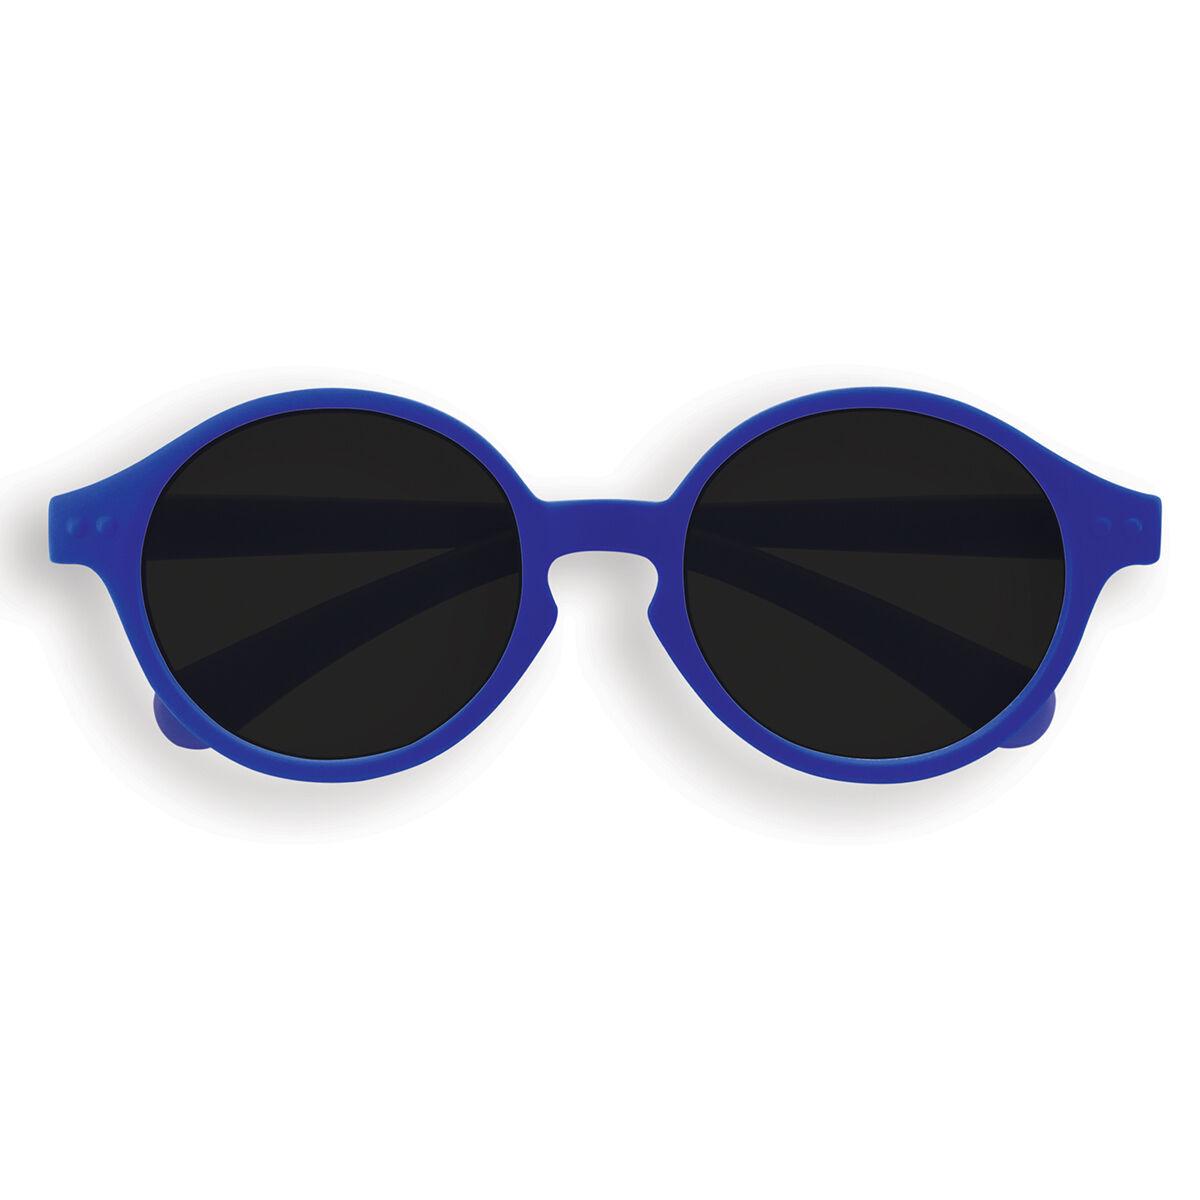 IZIPIZI Lunettes de Soleil Sun Kids 12/36 Mois - Marine Blue